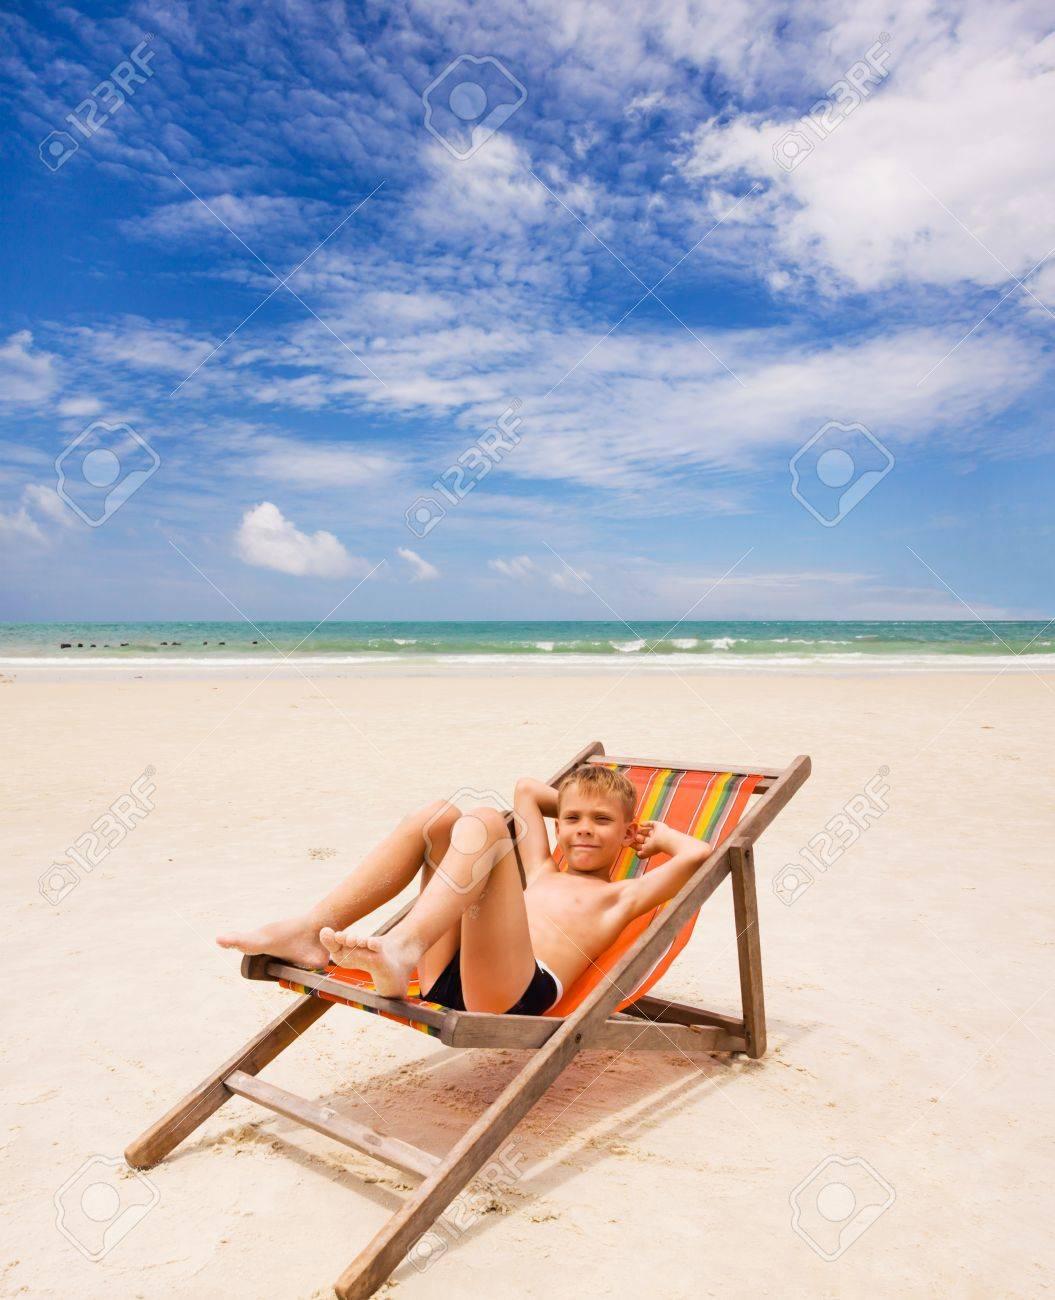 boy in beach chair on the beach - 15072143